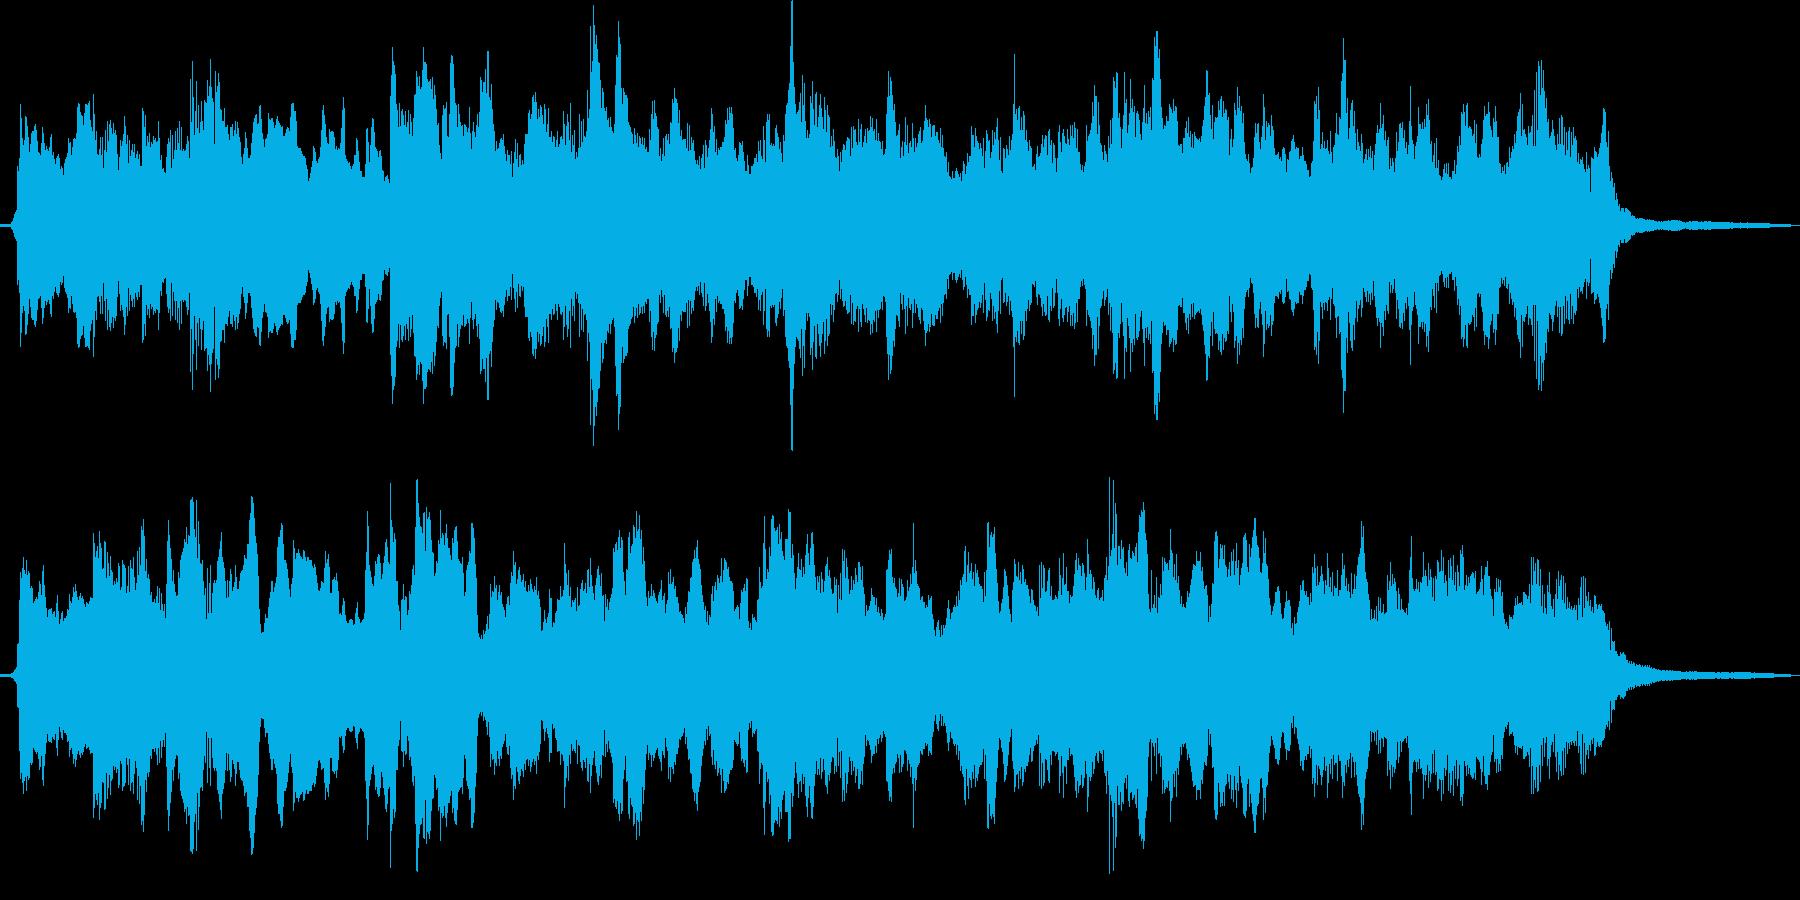 温かく懐かしい雰囲気のシンセBGMの再生済みの波形